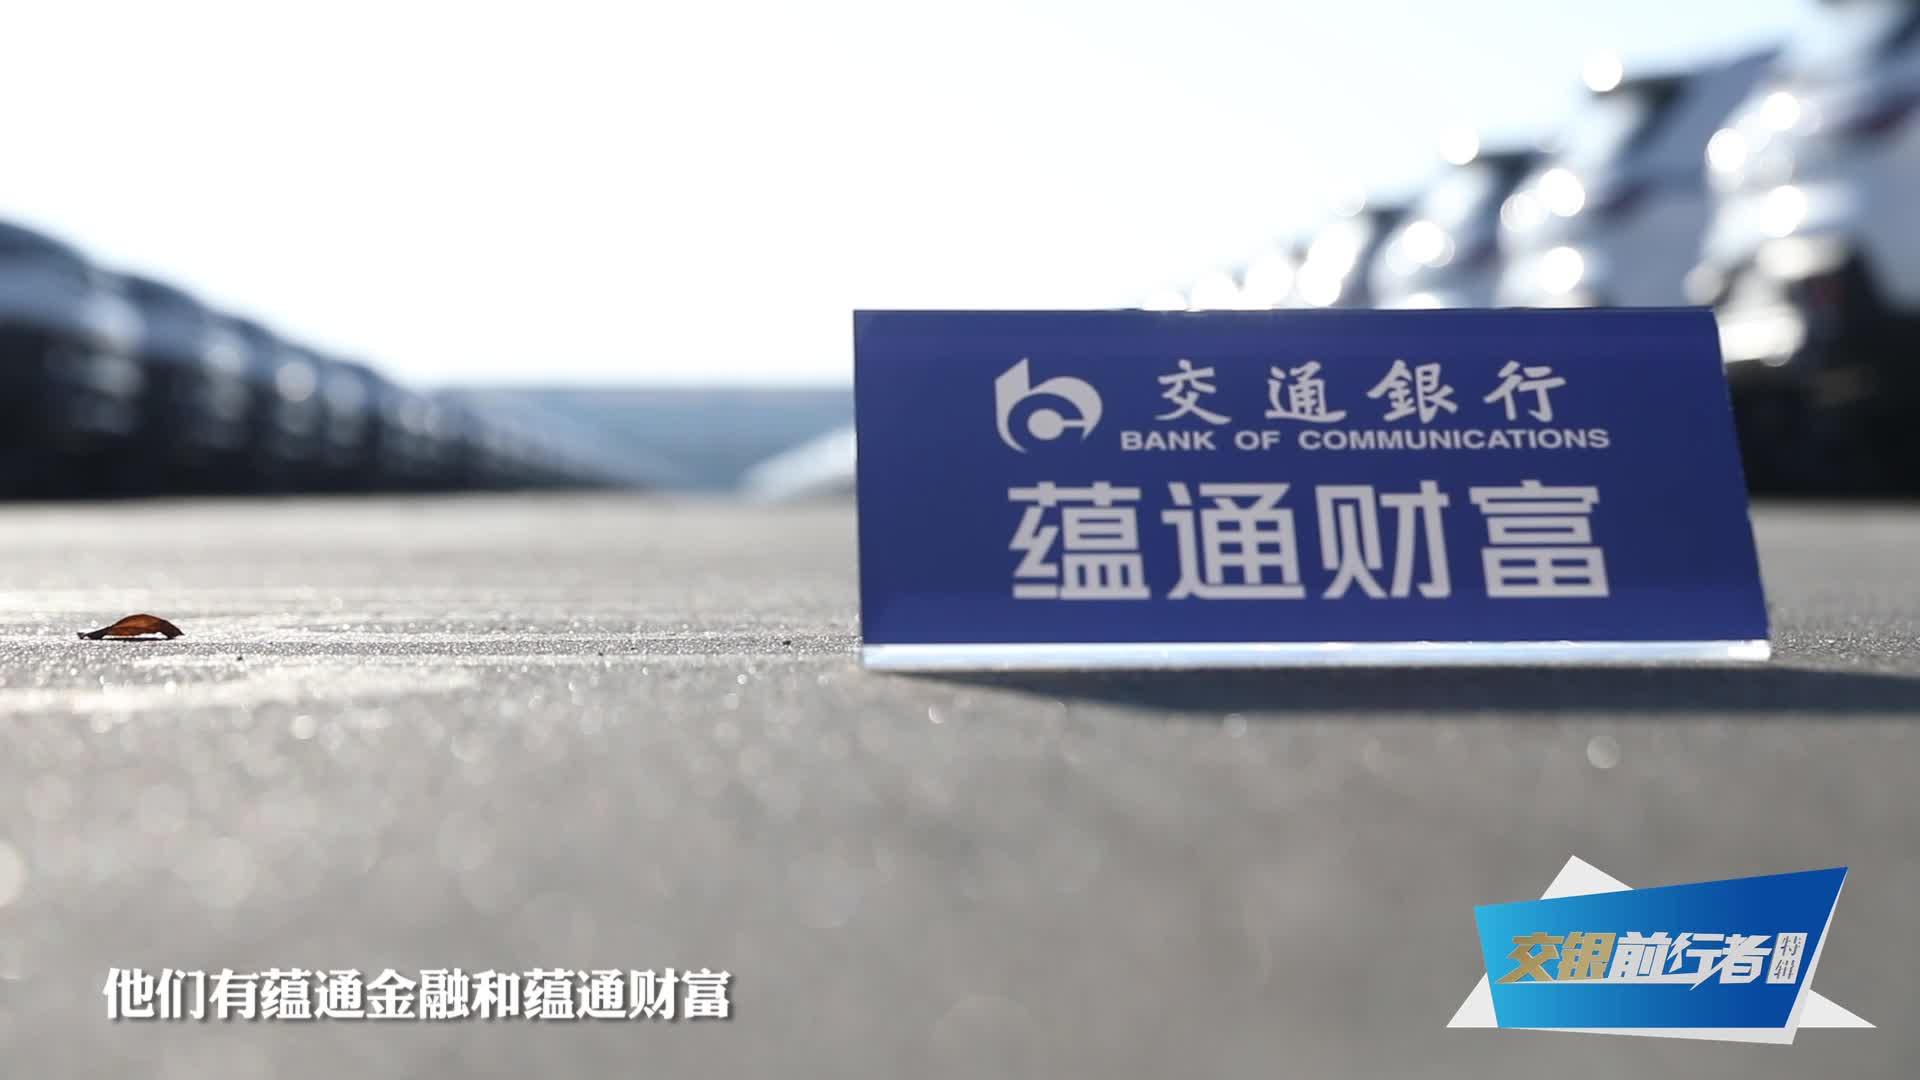 交银前行者|李峰:汽车金融助力汽车企业转型过渡